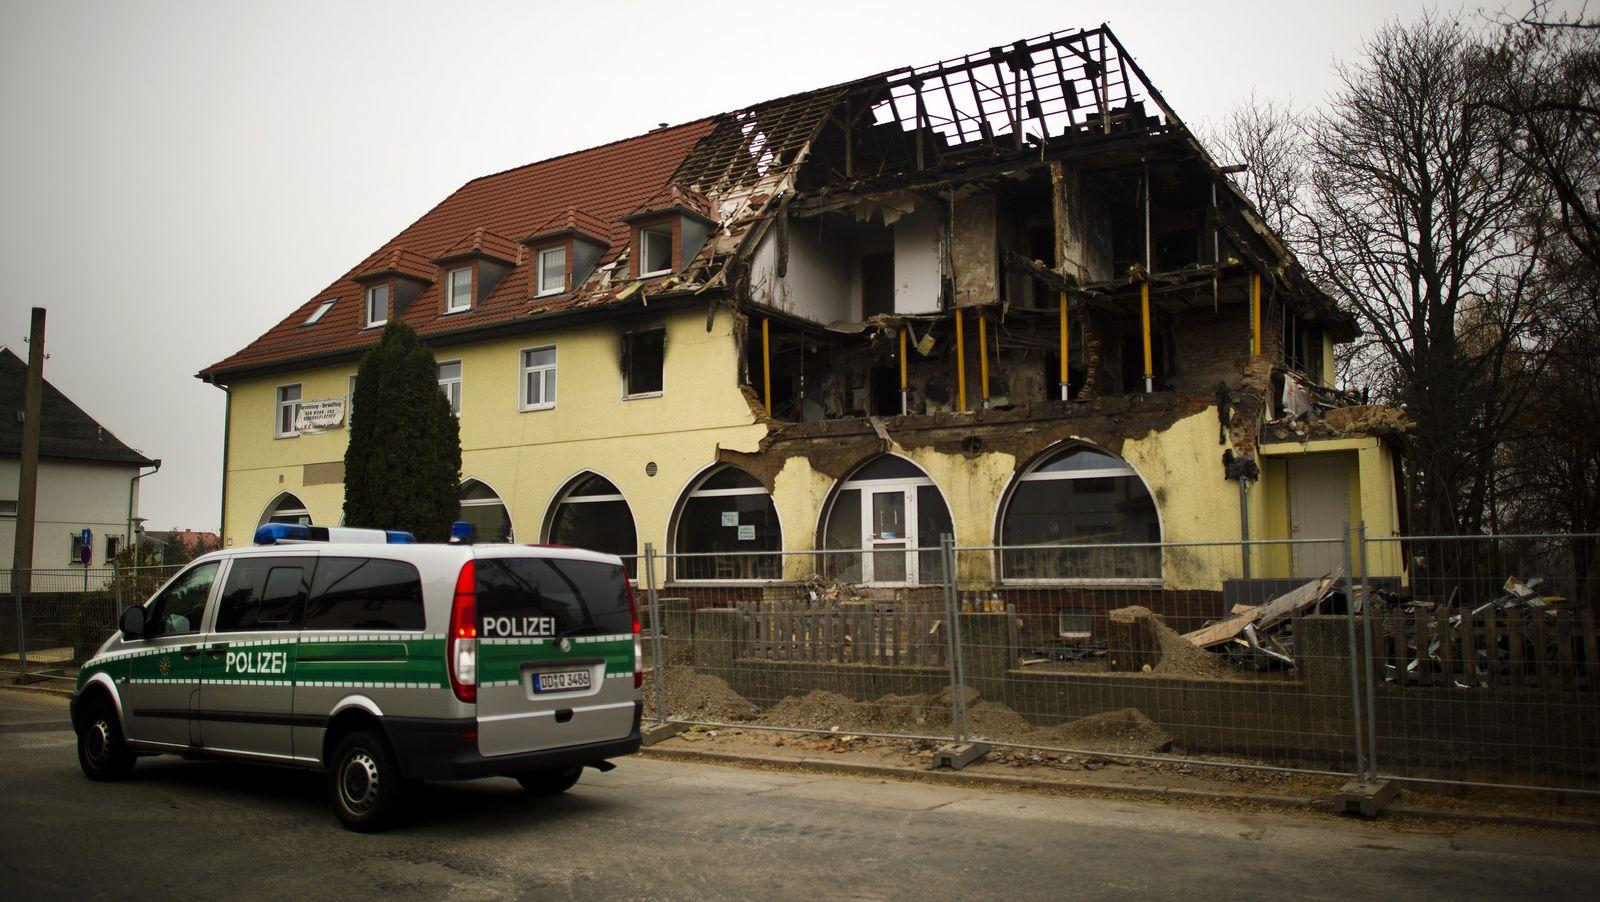 Polizei vor Haus der Zwickau-Zelle